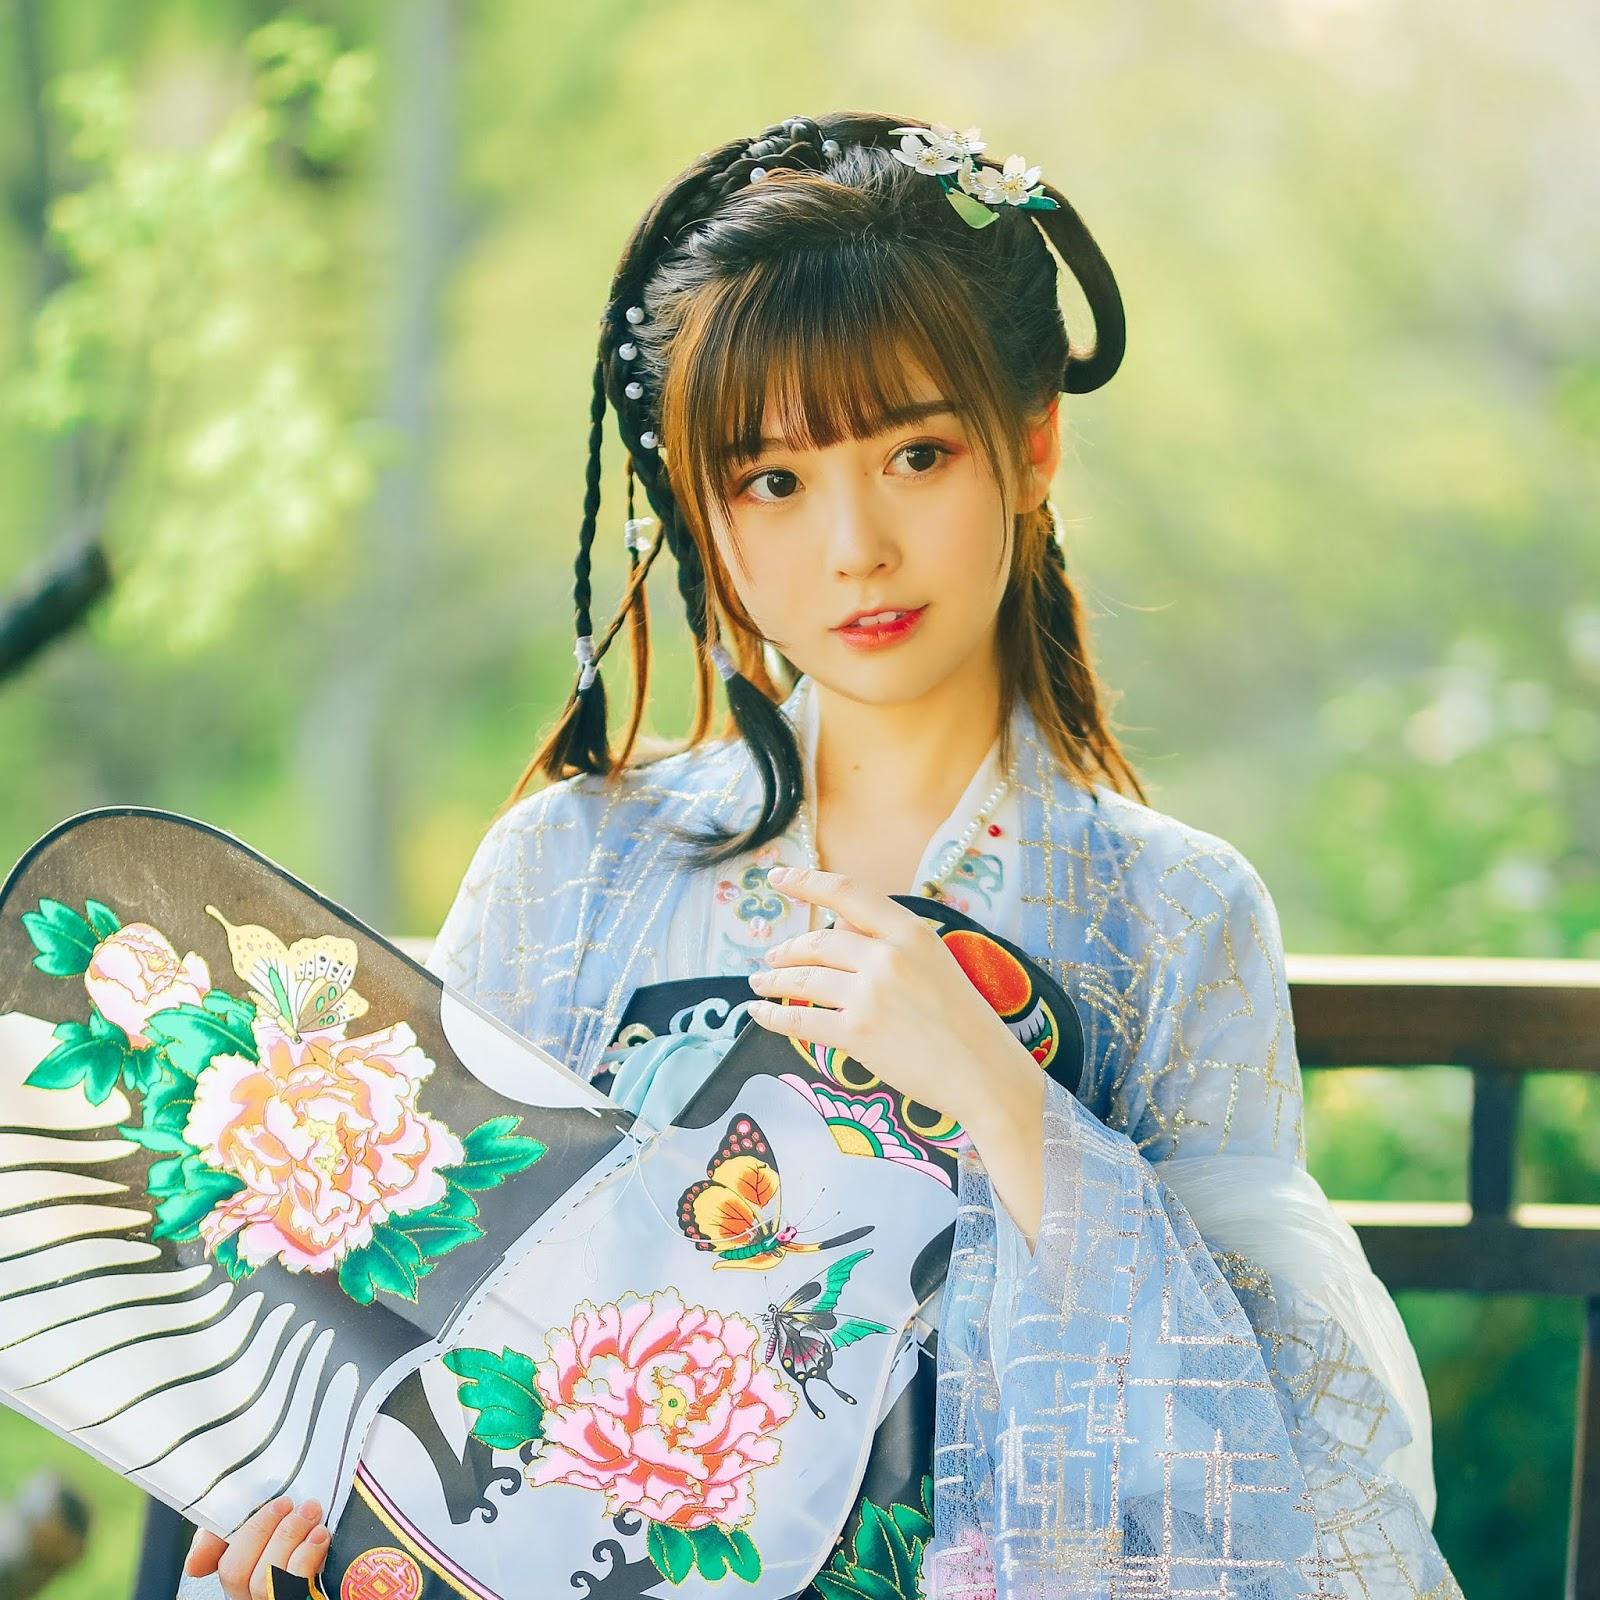 Bộ ảnh cổ trang tuyệt đẹp của hotgirl Zhong Manfei 钟曼菲